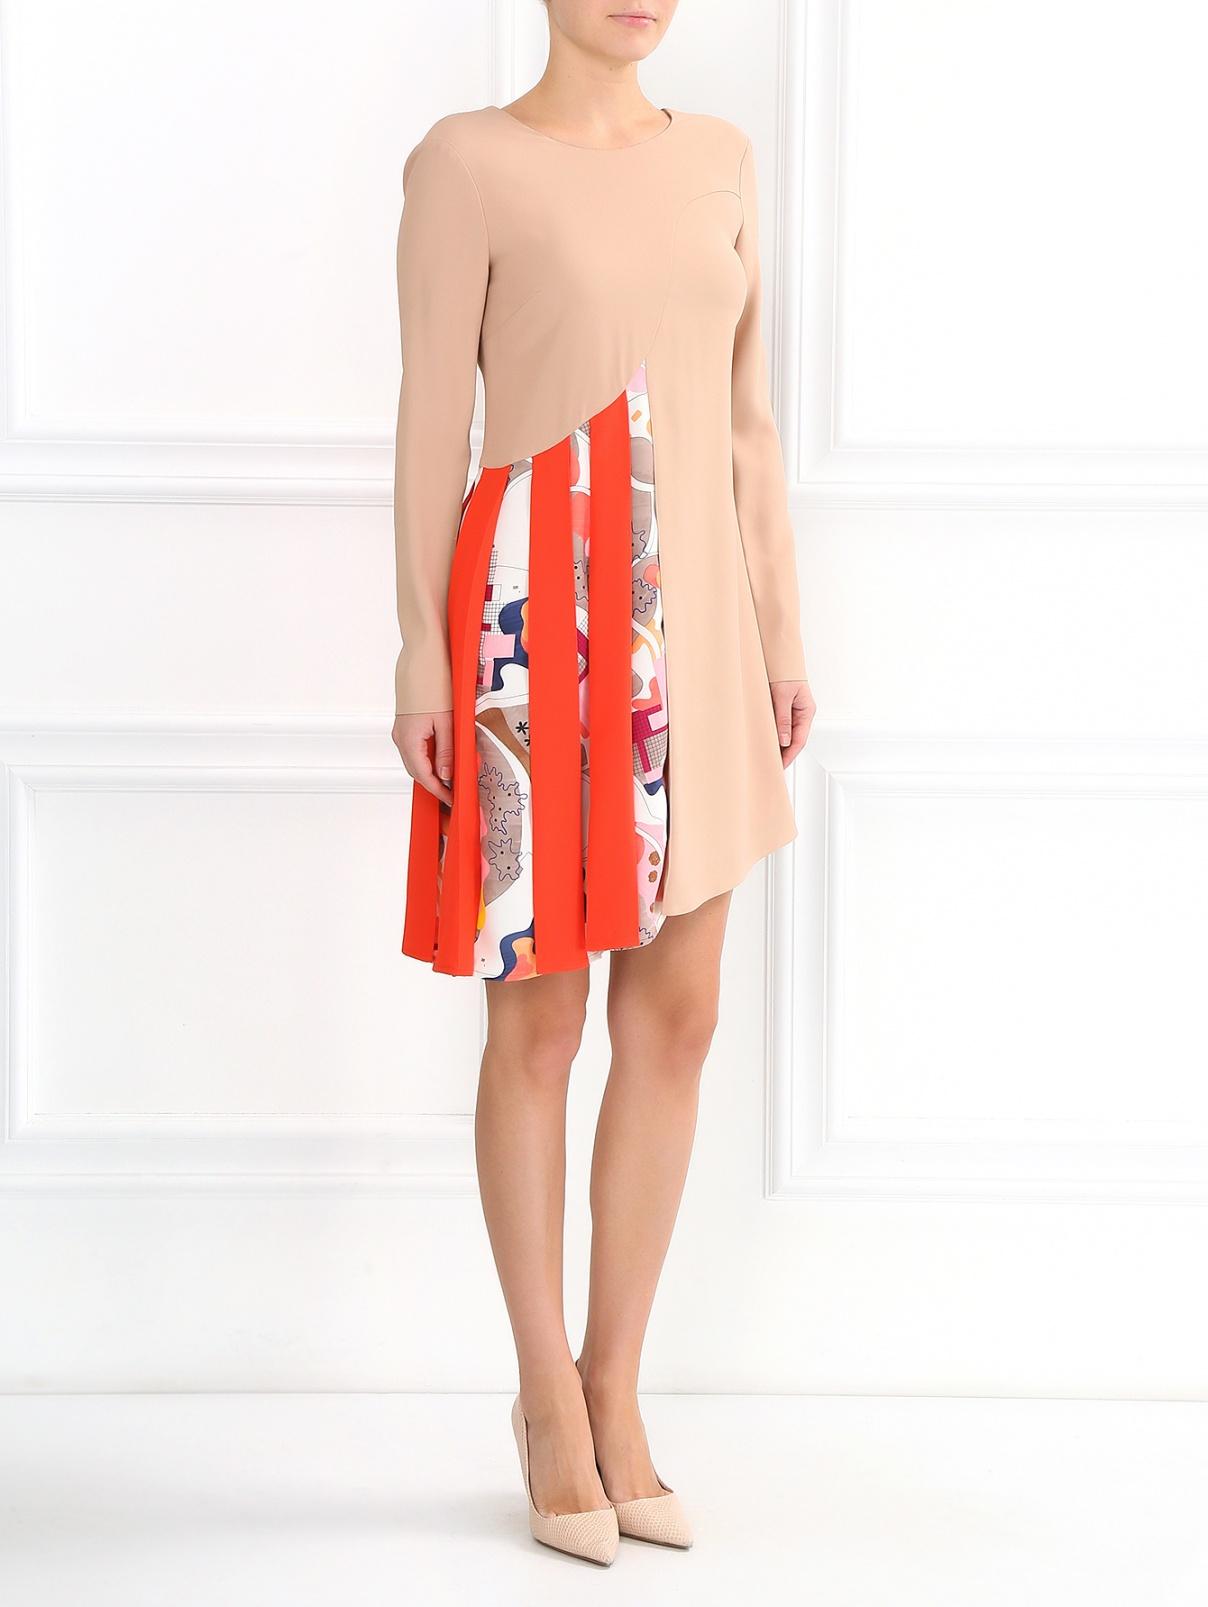 Платье ассиметричного кроя с контрастной вставкой MSGM  –  Модель Общий вид  – Цвет:  Бежевый